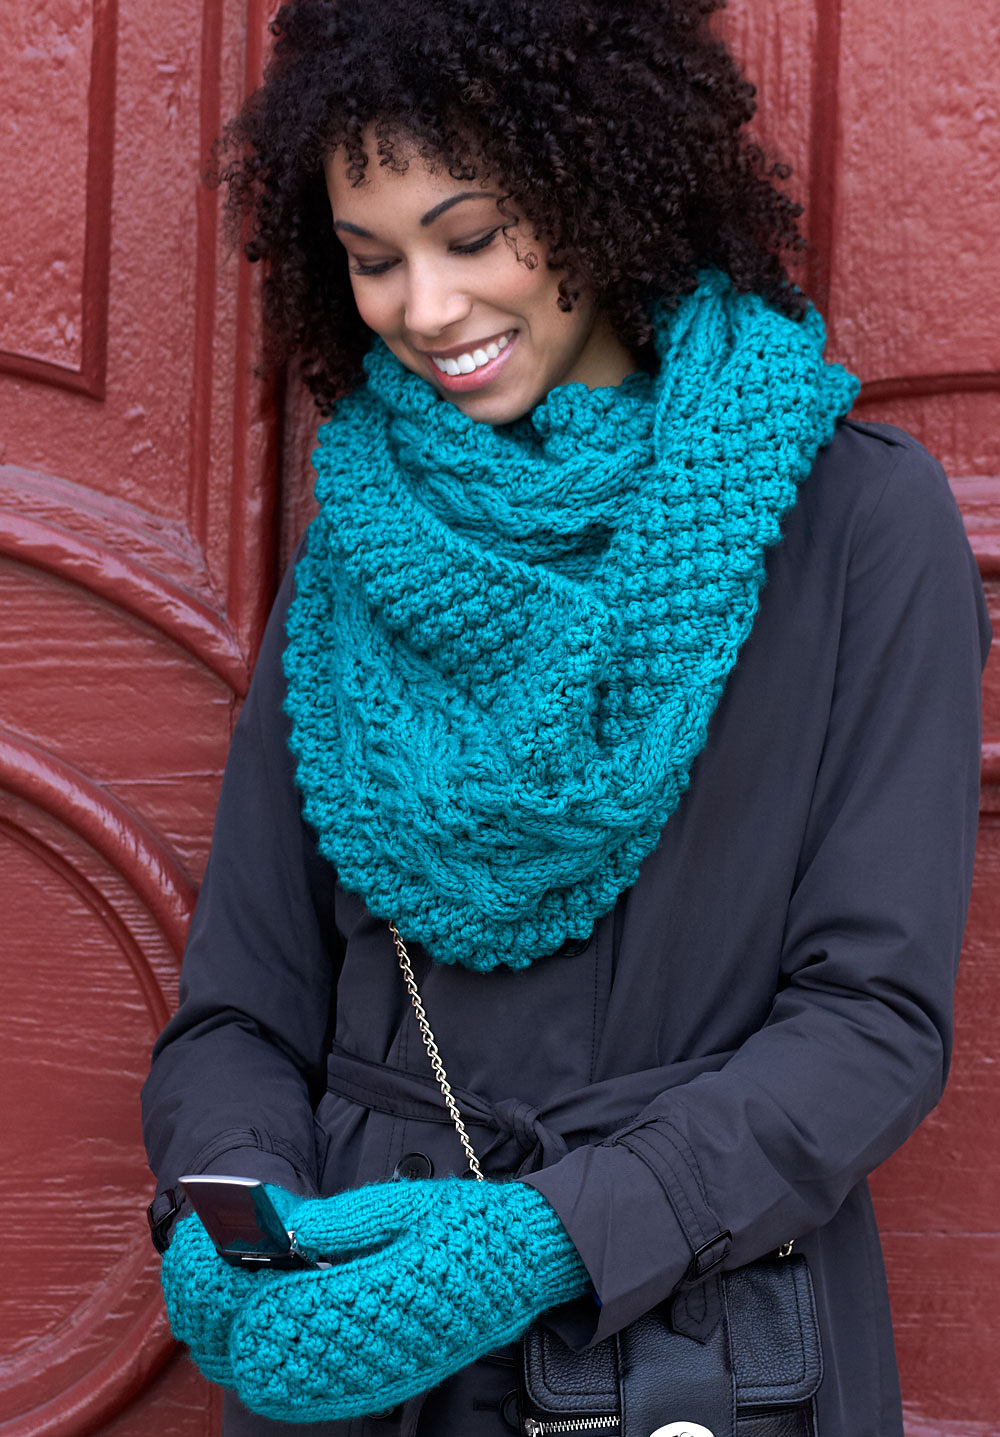 Как связать яркий осенний шарф снуд крючком очень просто и сегодня я расскажу и покажу все шарф-снуд крючком.